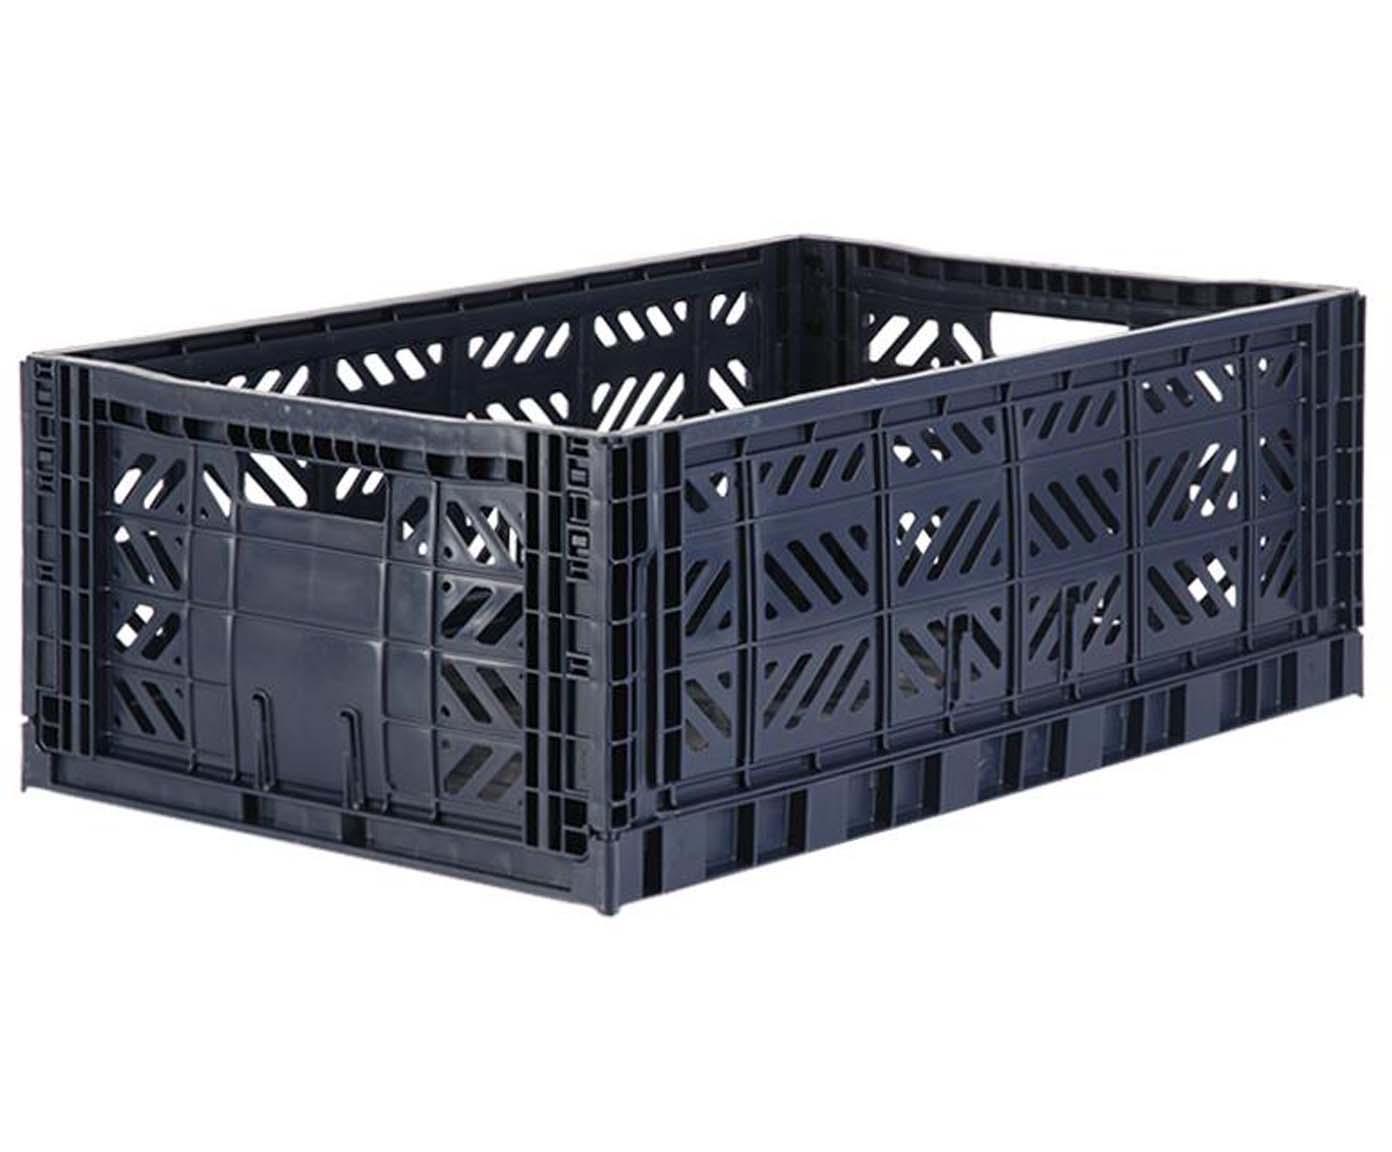 Kosz do przechowywania Navy, składany, duży, Tworzywo sztuczne z recyklingu, Ciemny niebieski, S 60 x W 22 cm